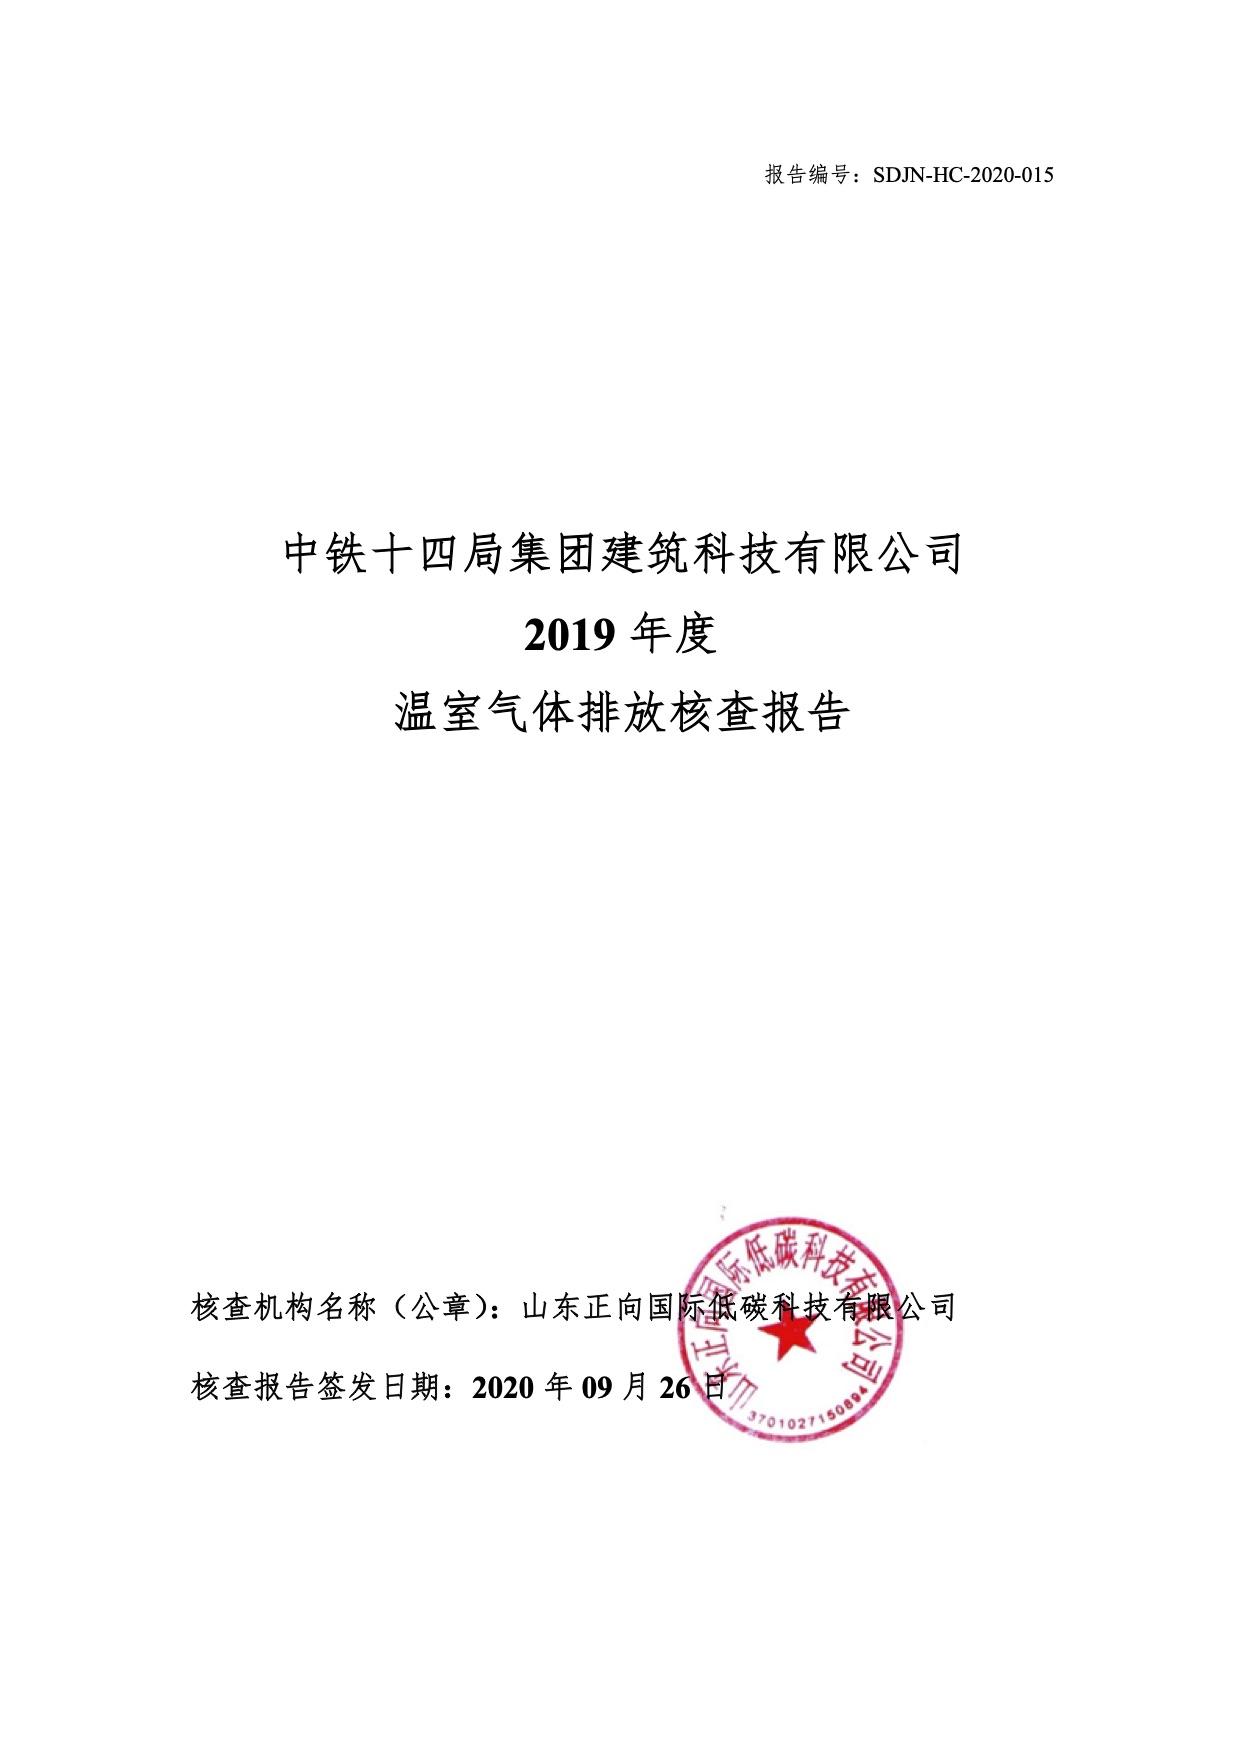 中铁十四局碳核查报告.jpg